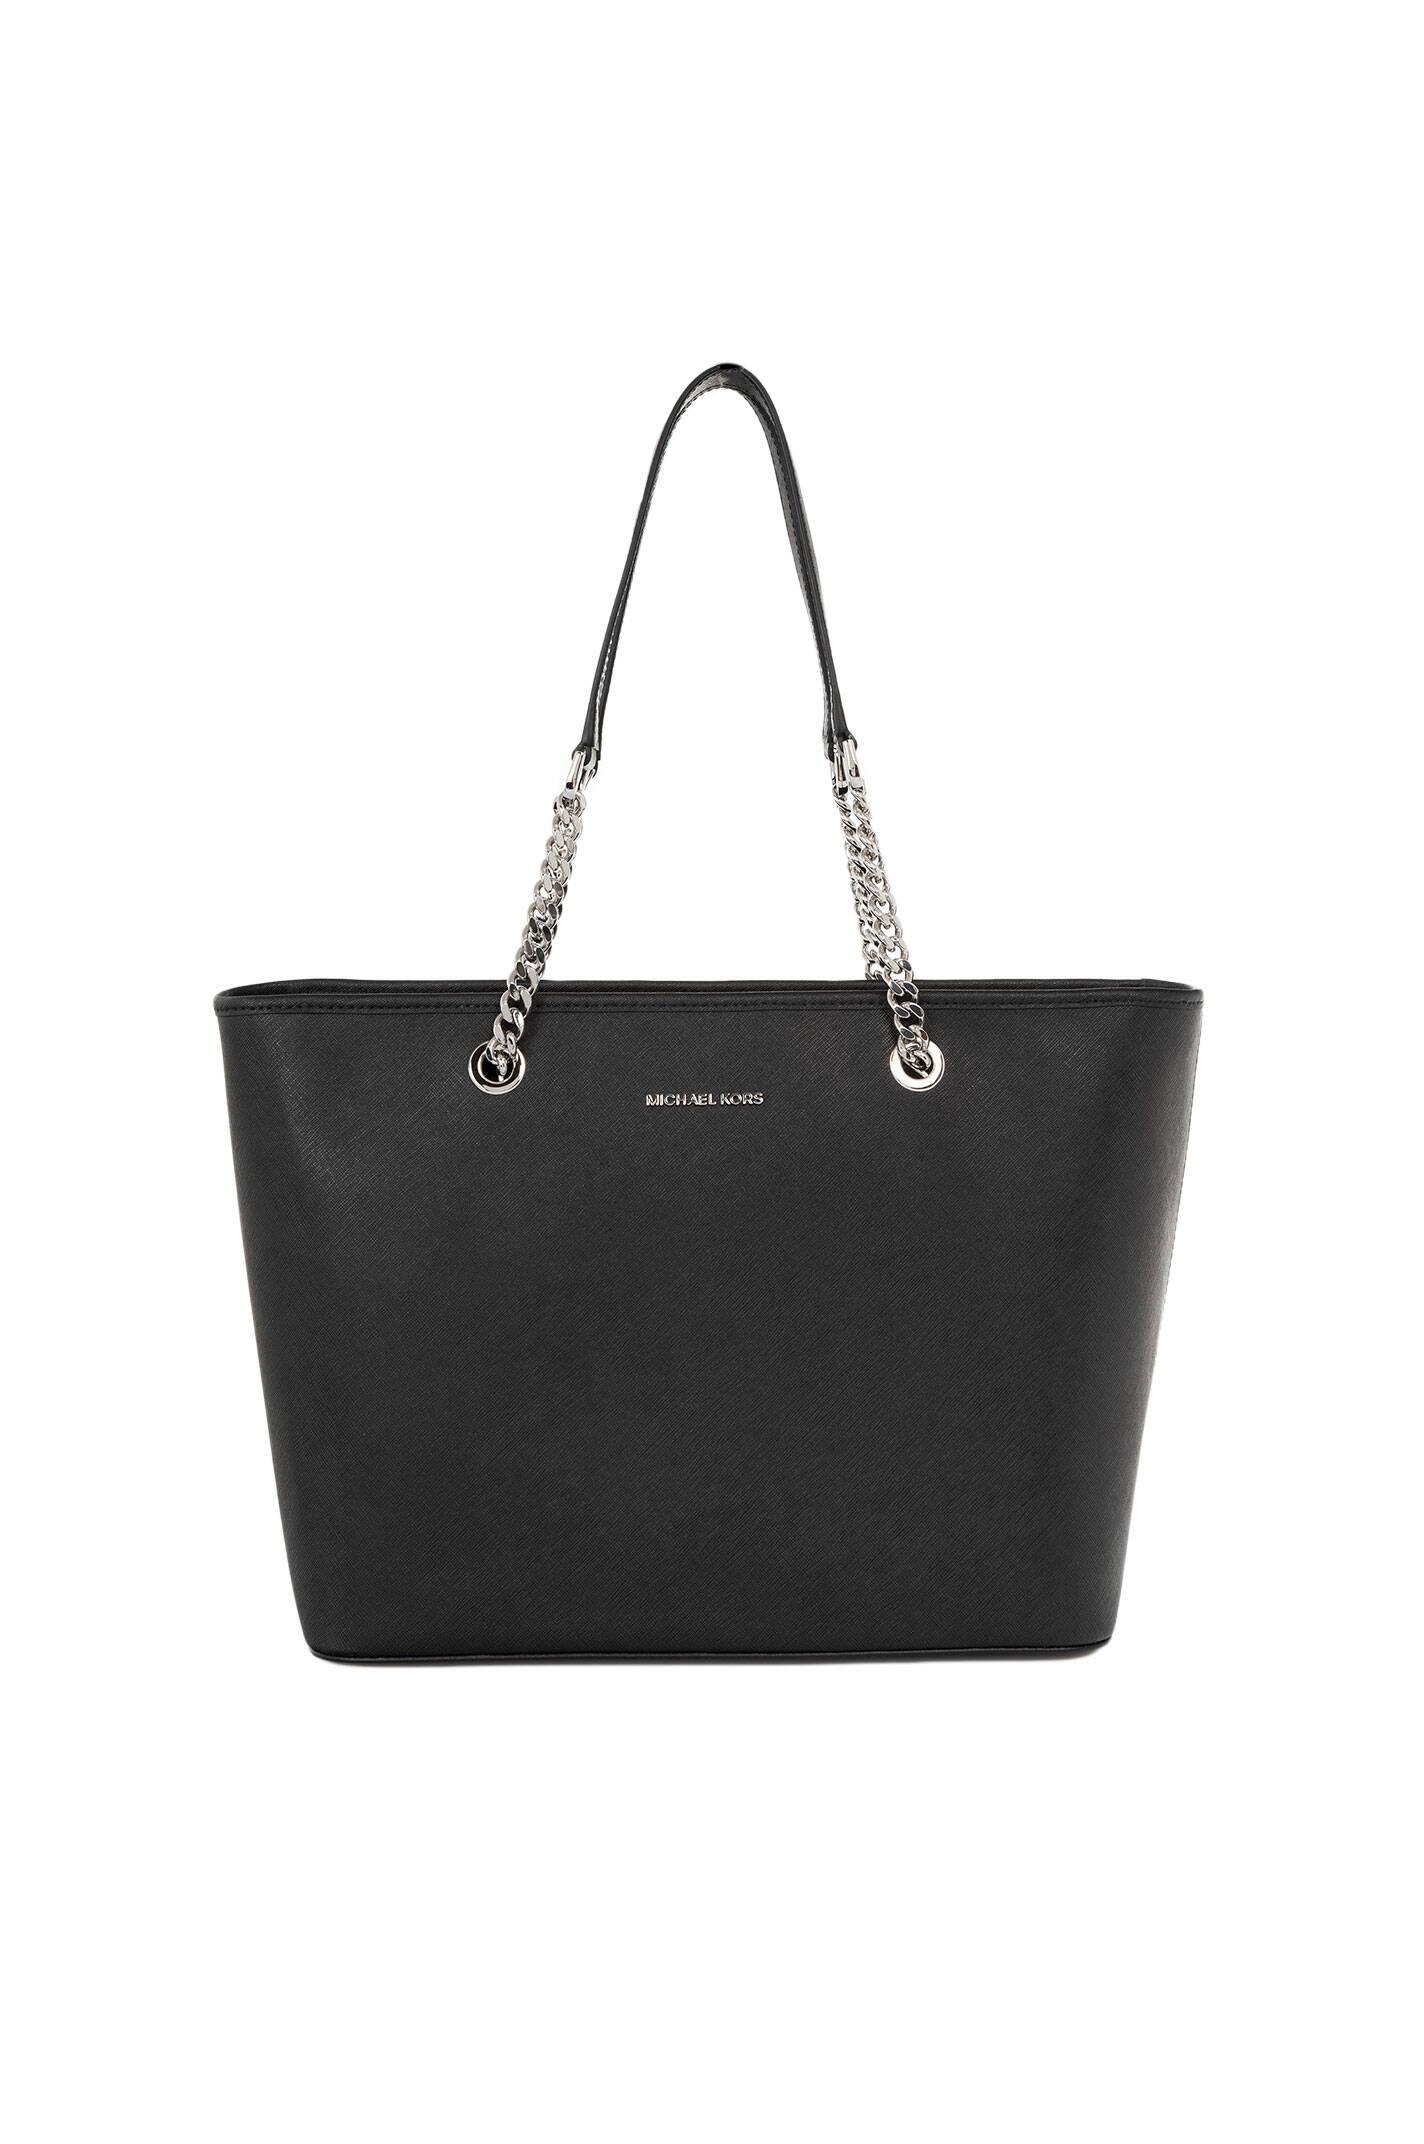 jet set item shopper bag michael kors black bags. Black Bedroom Furniture Sets. Home Design Ideas